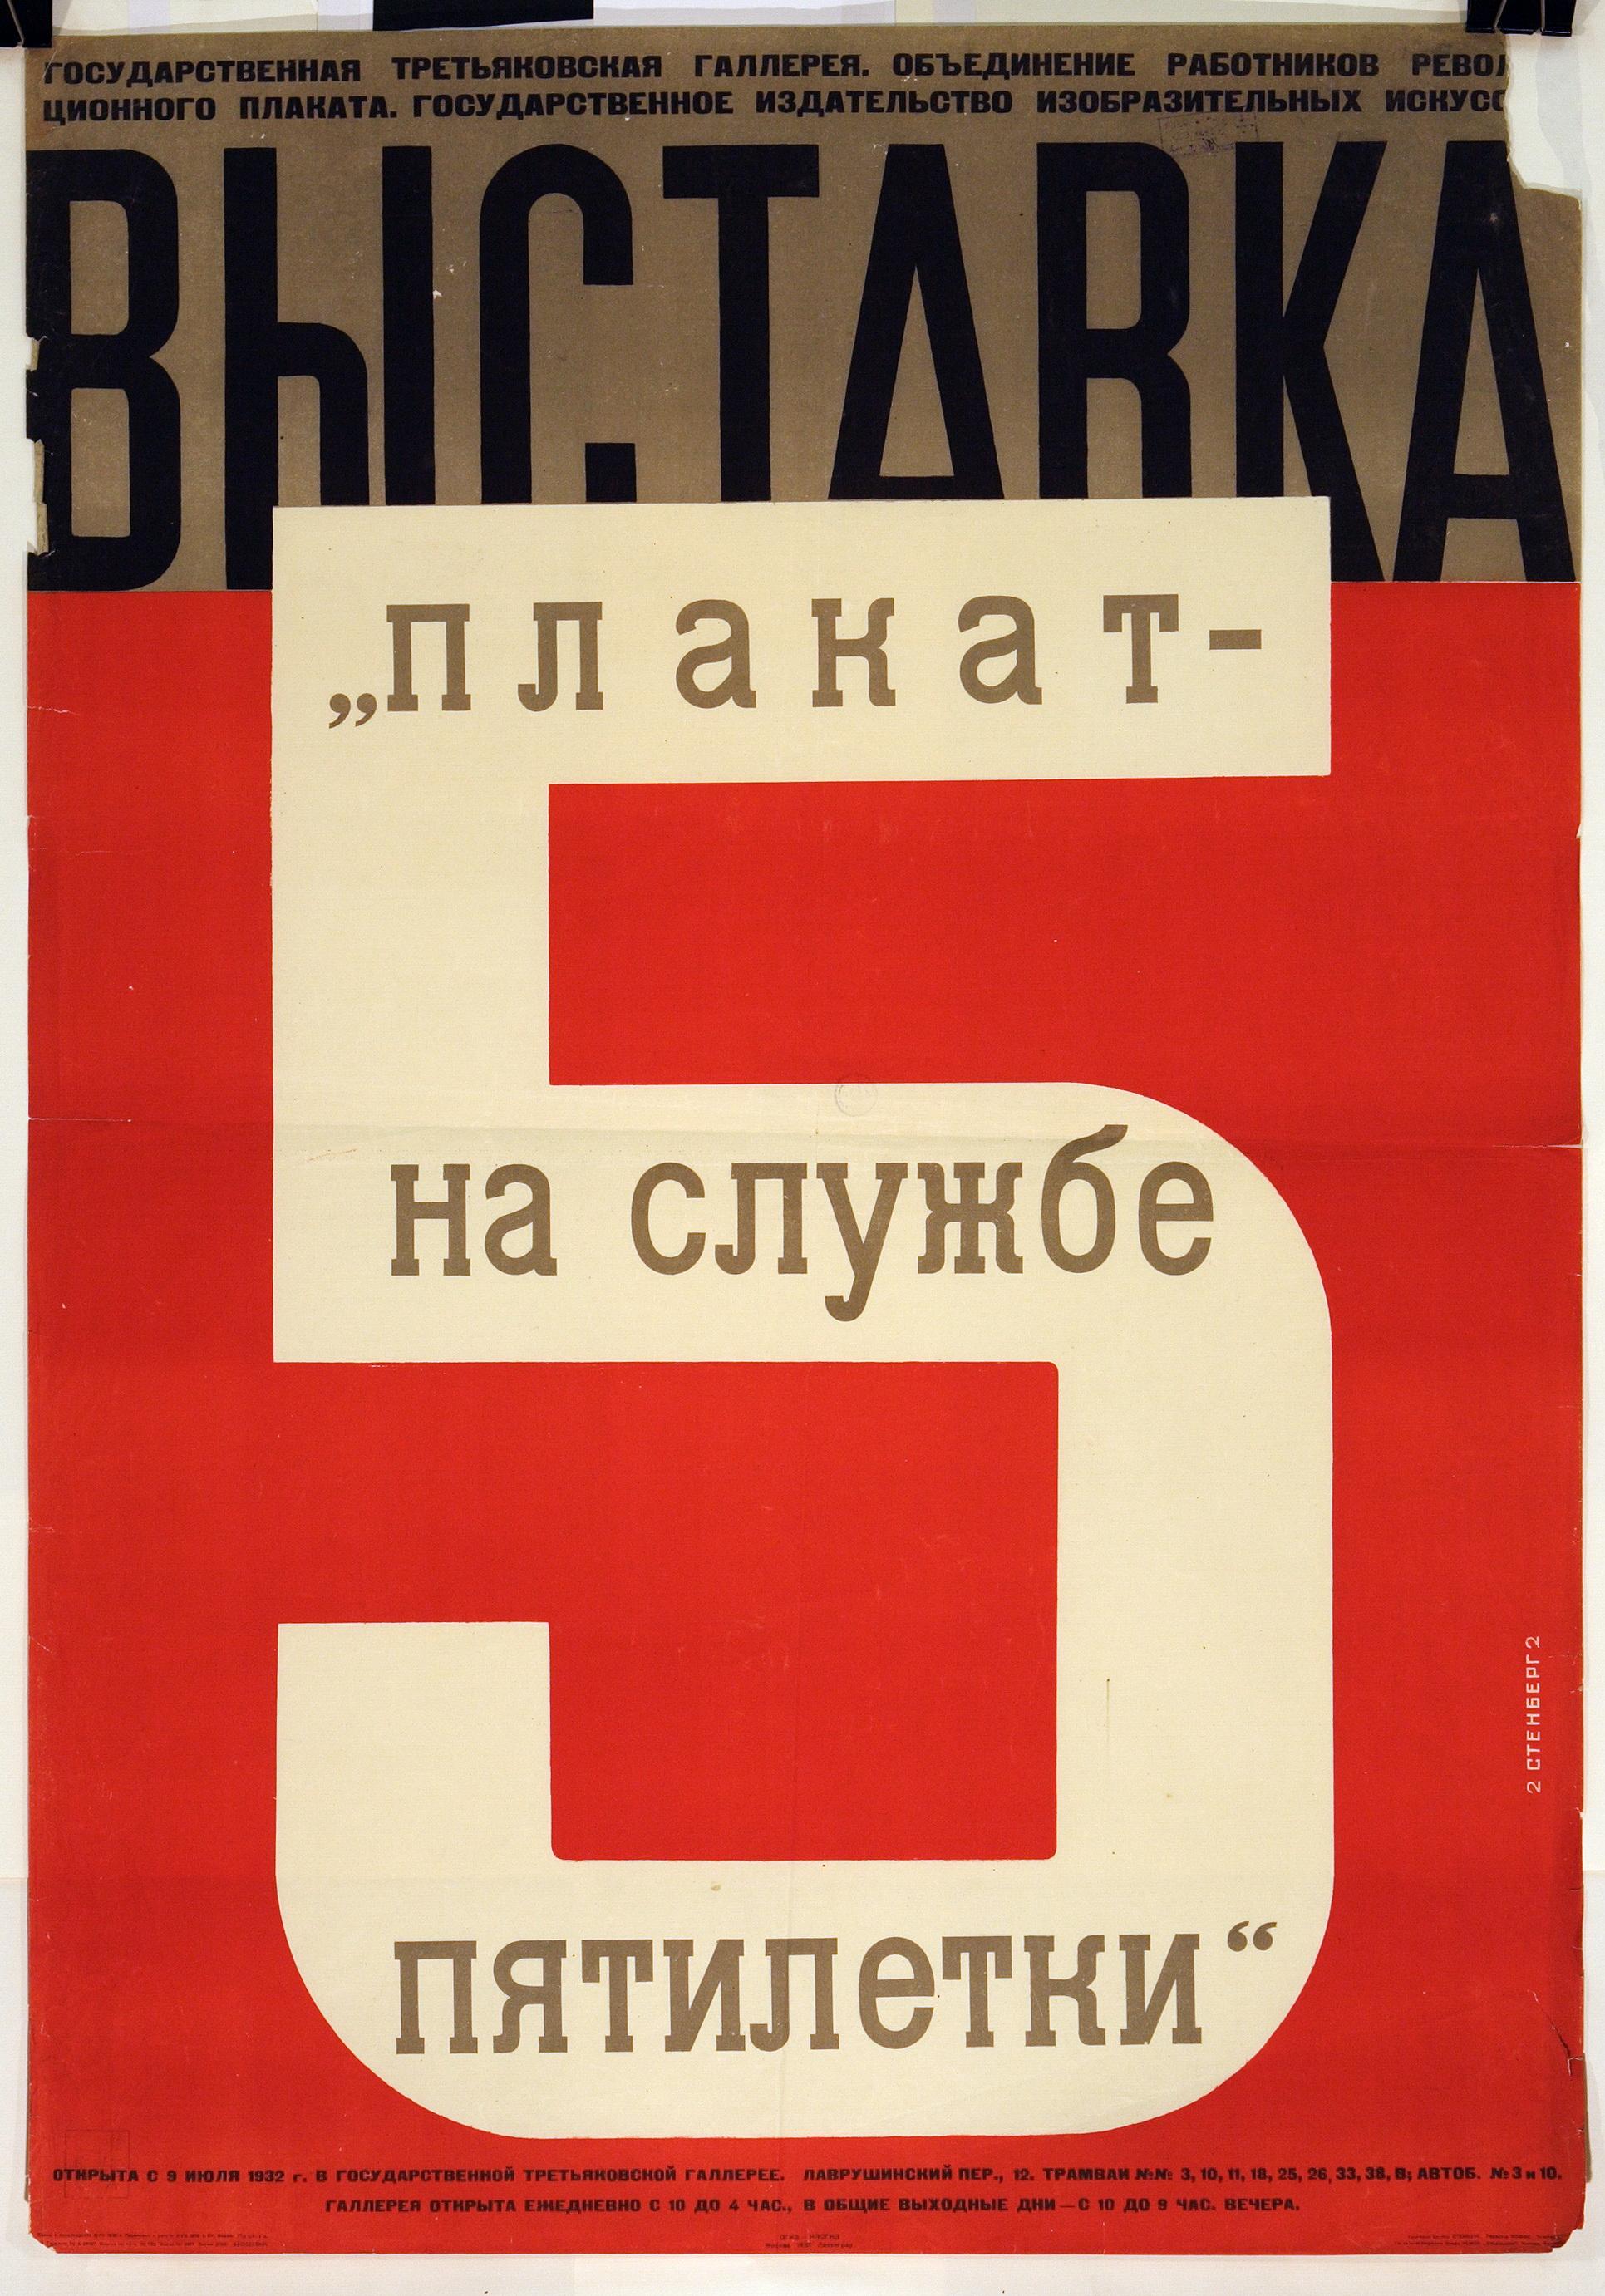 Печать плаката для выставки